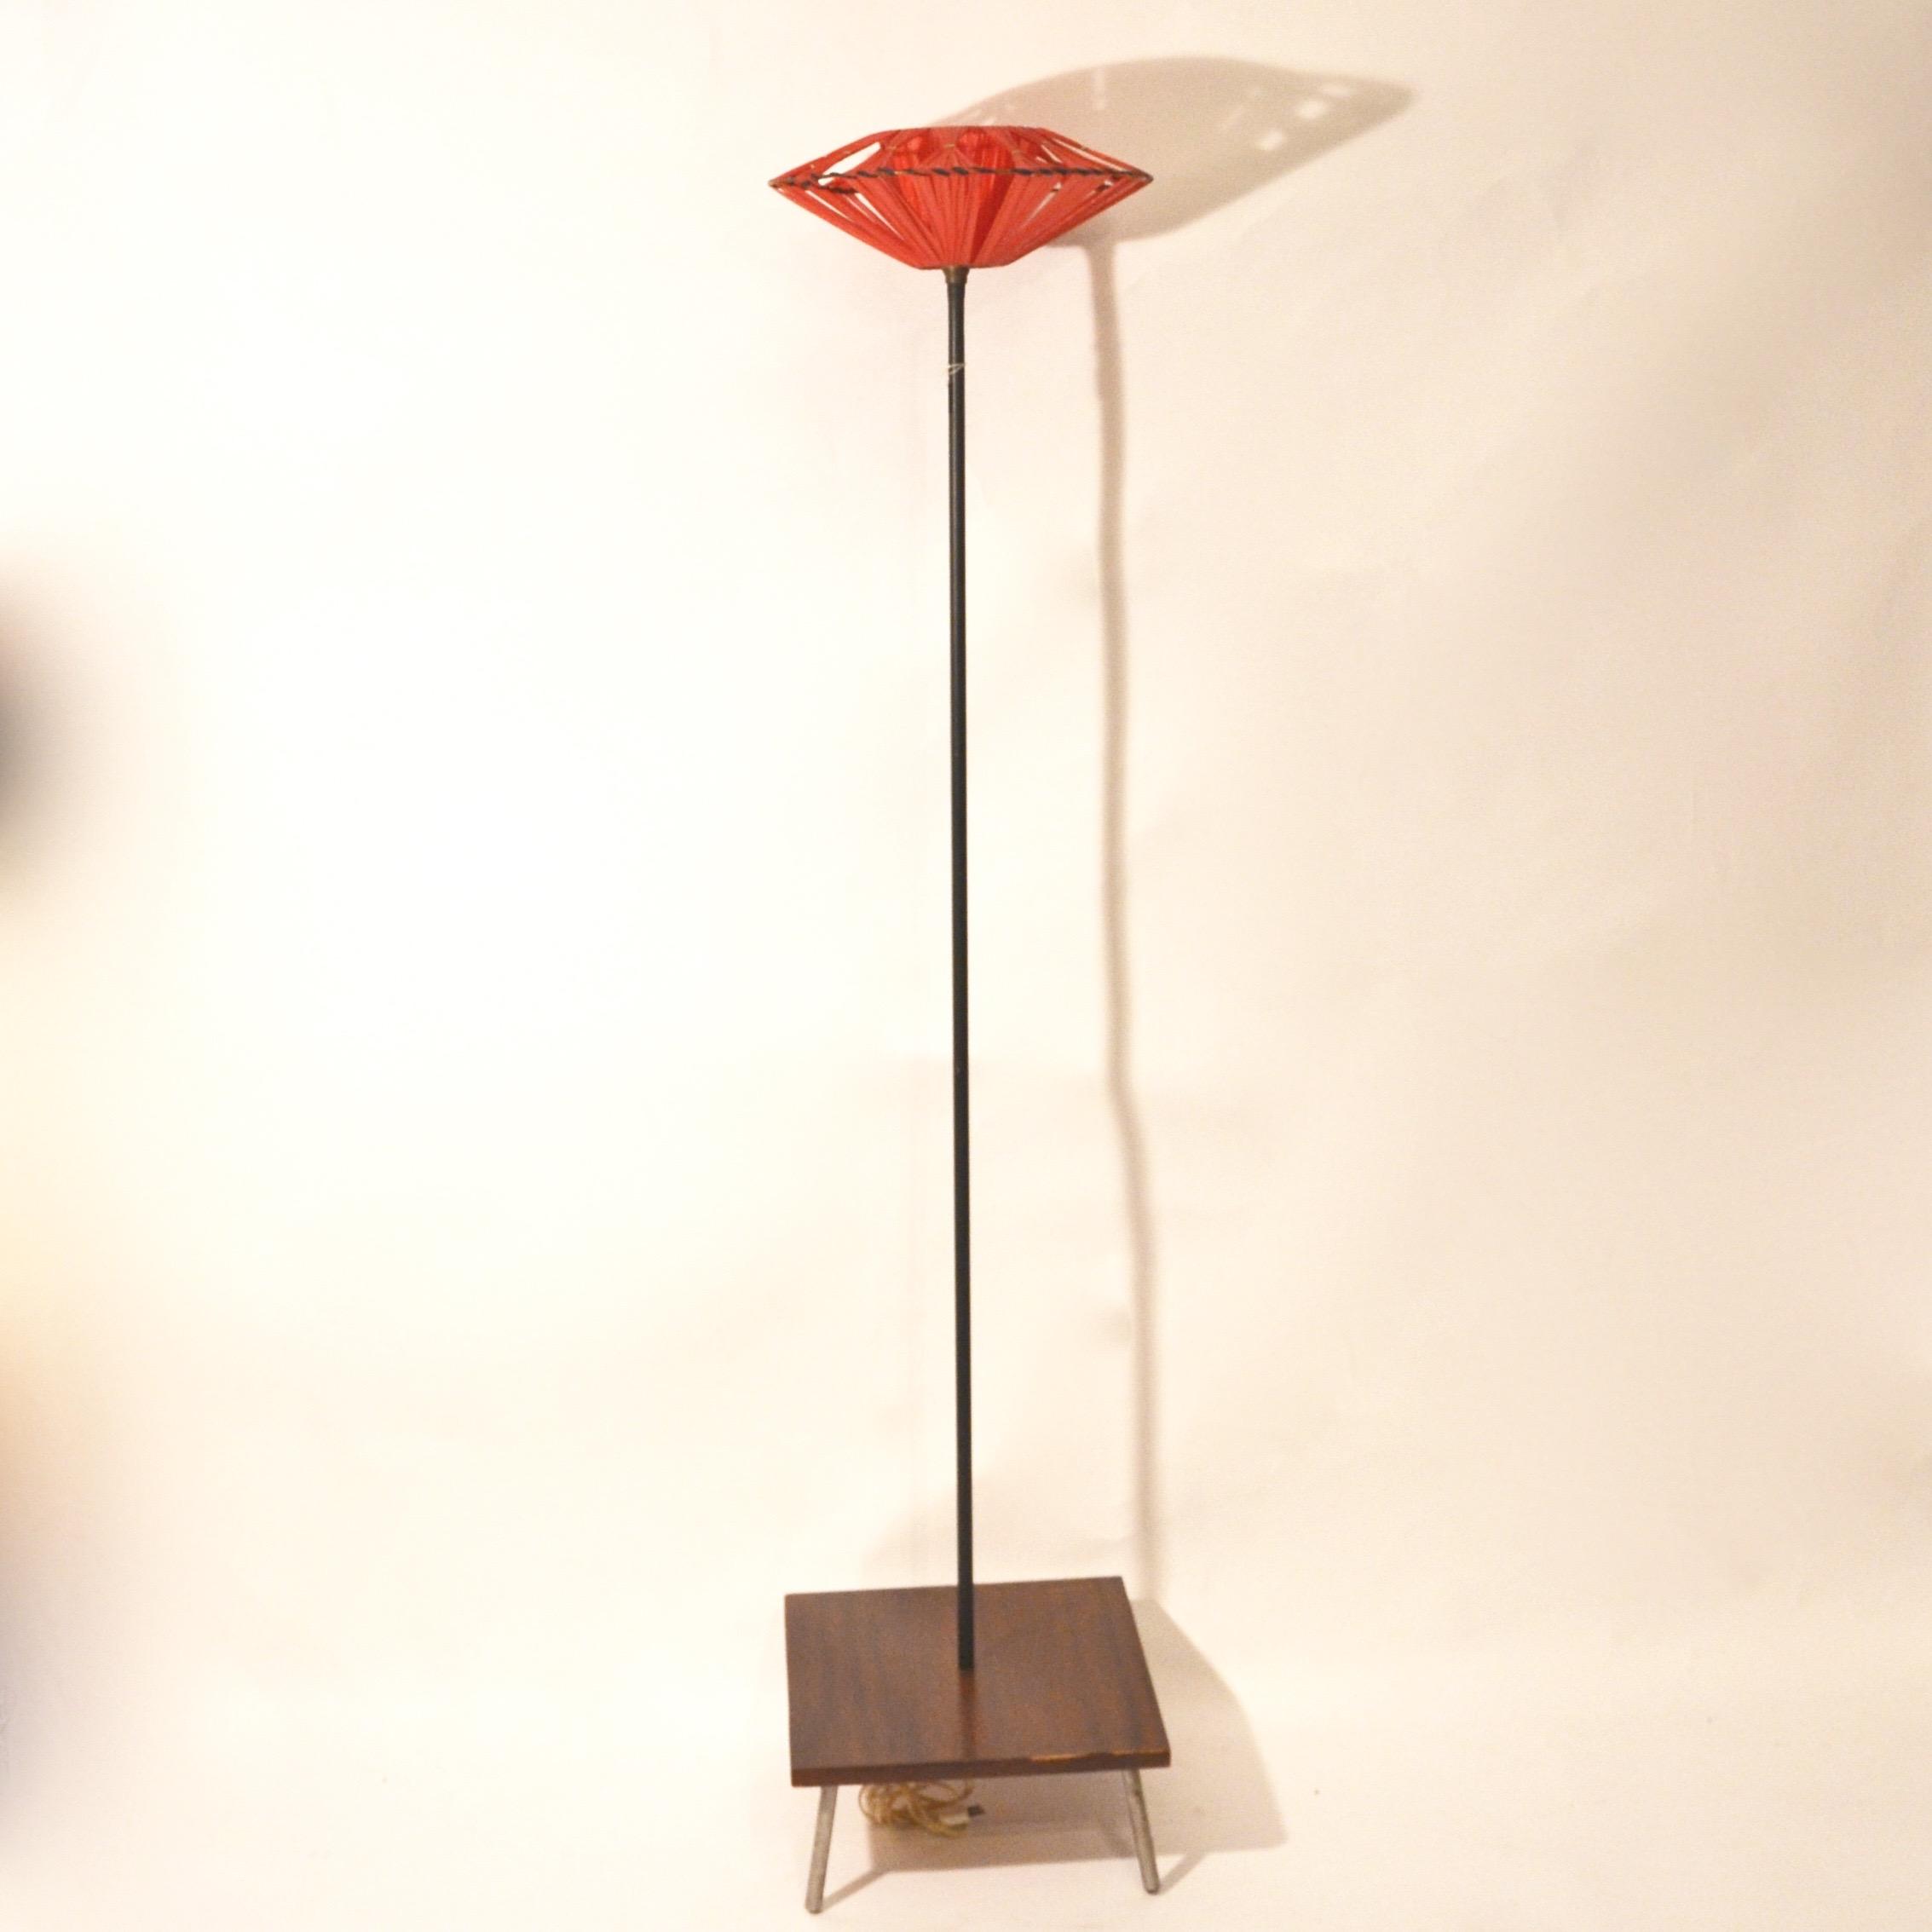 lampadaire ann es 60 avec sa tablette bindiesbindies. Black Bedroom Furniture Sets. Home Design Ideas